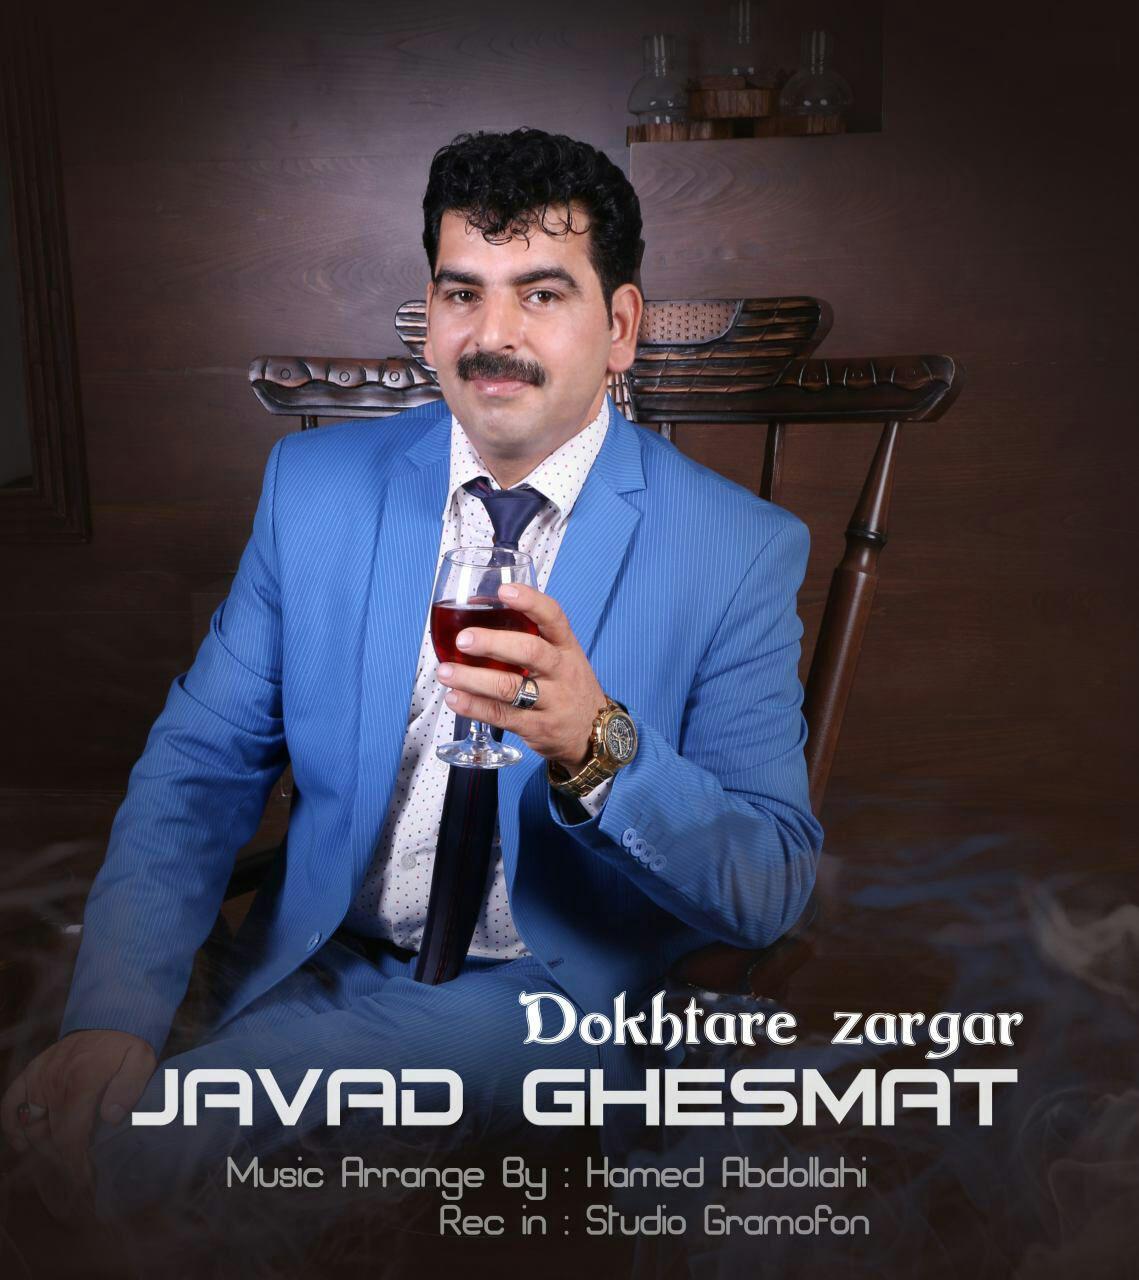 Javad Ghesmat – Dokhtare zargar